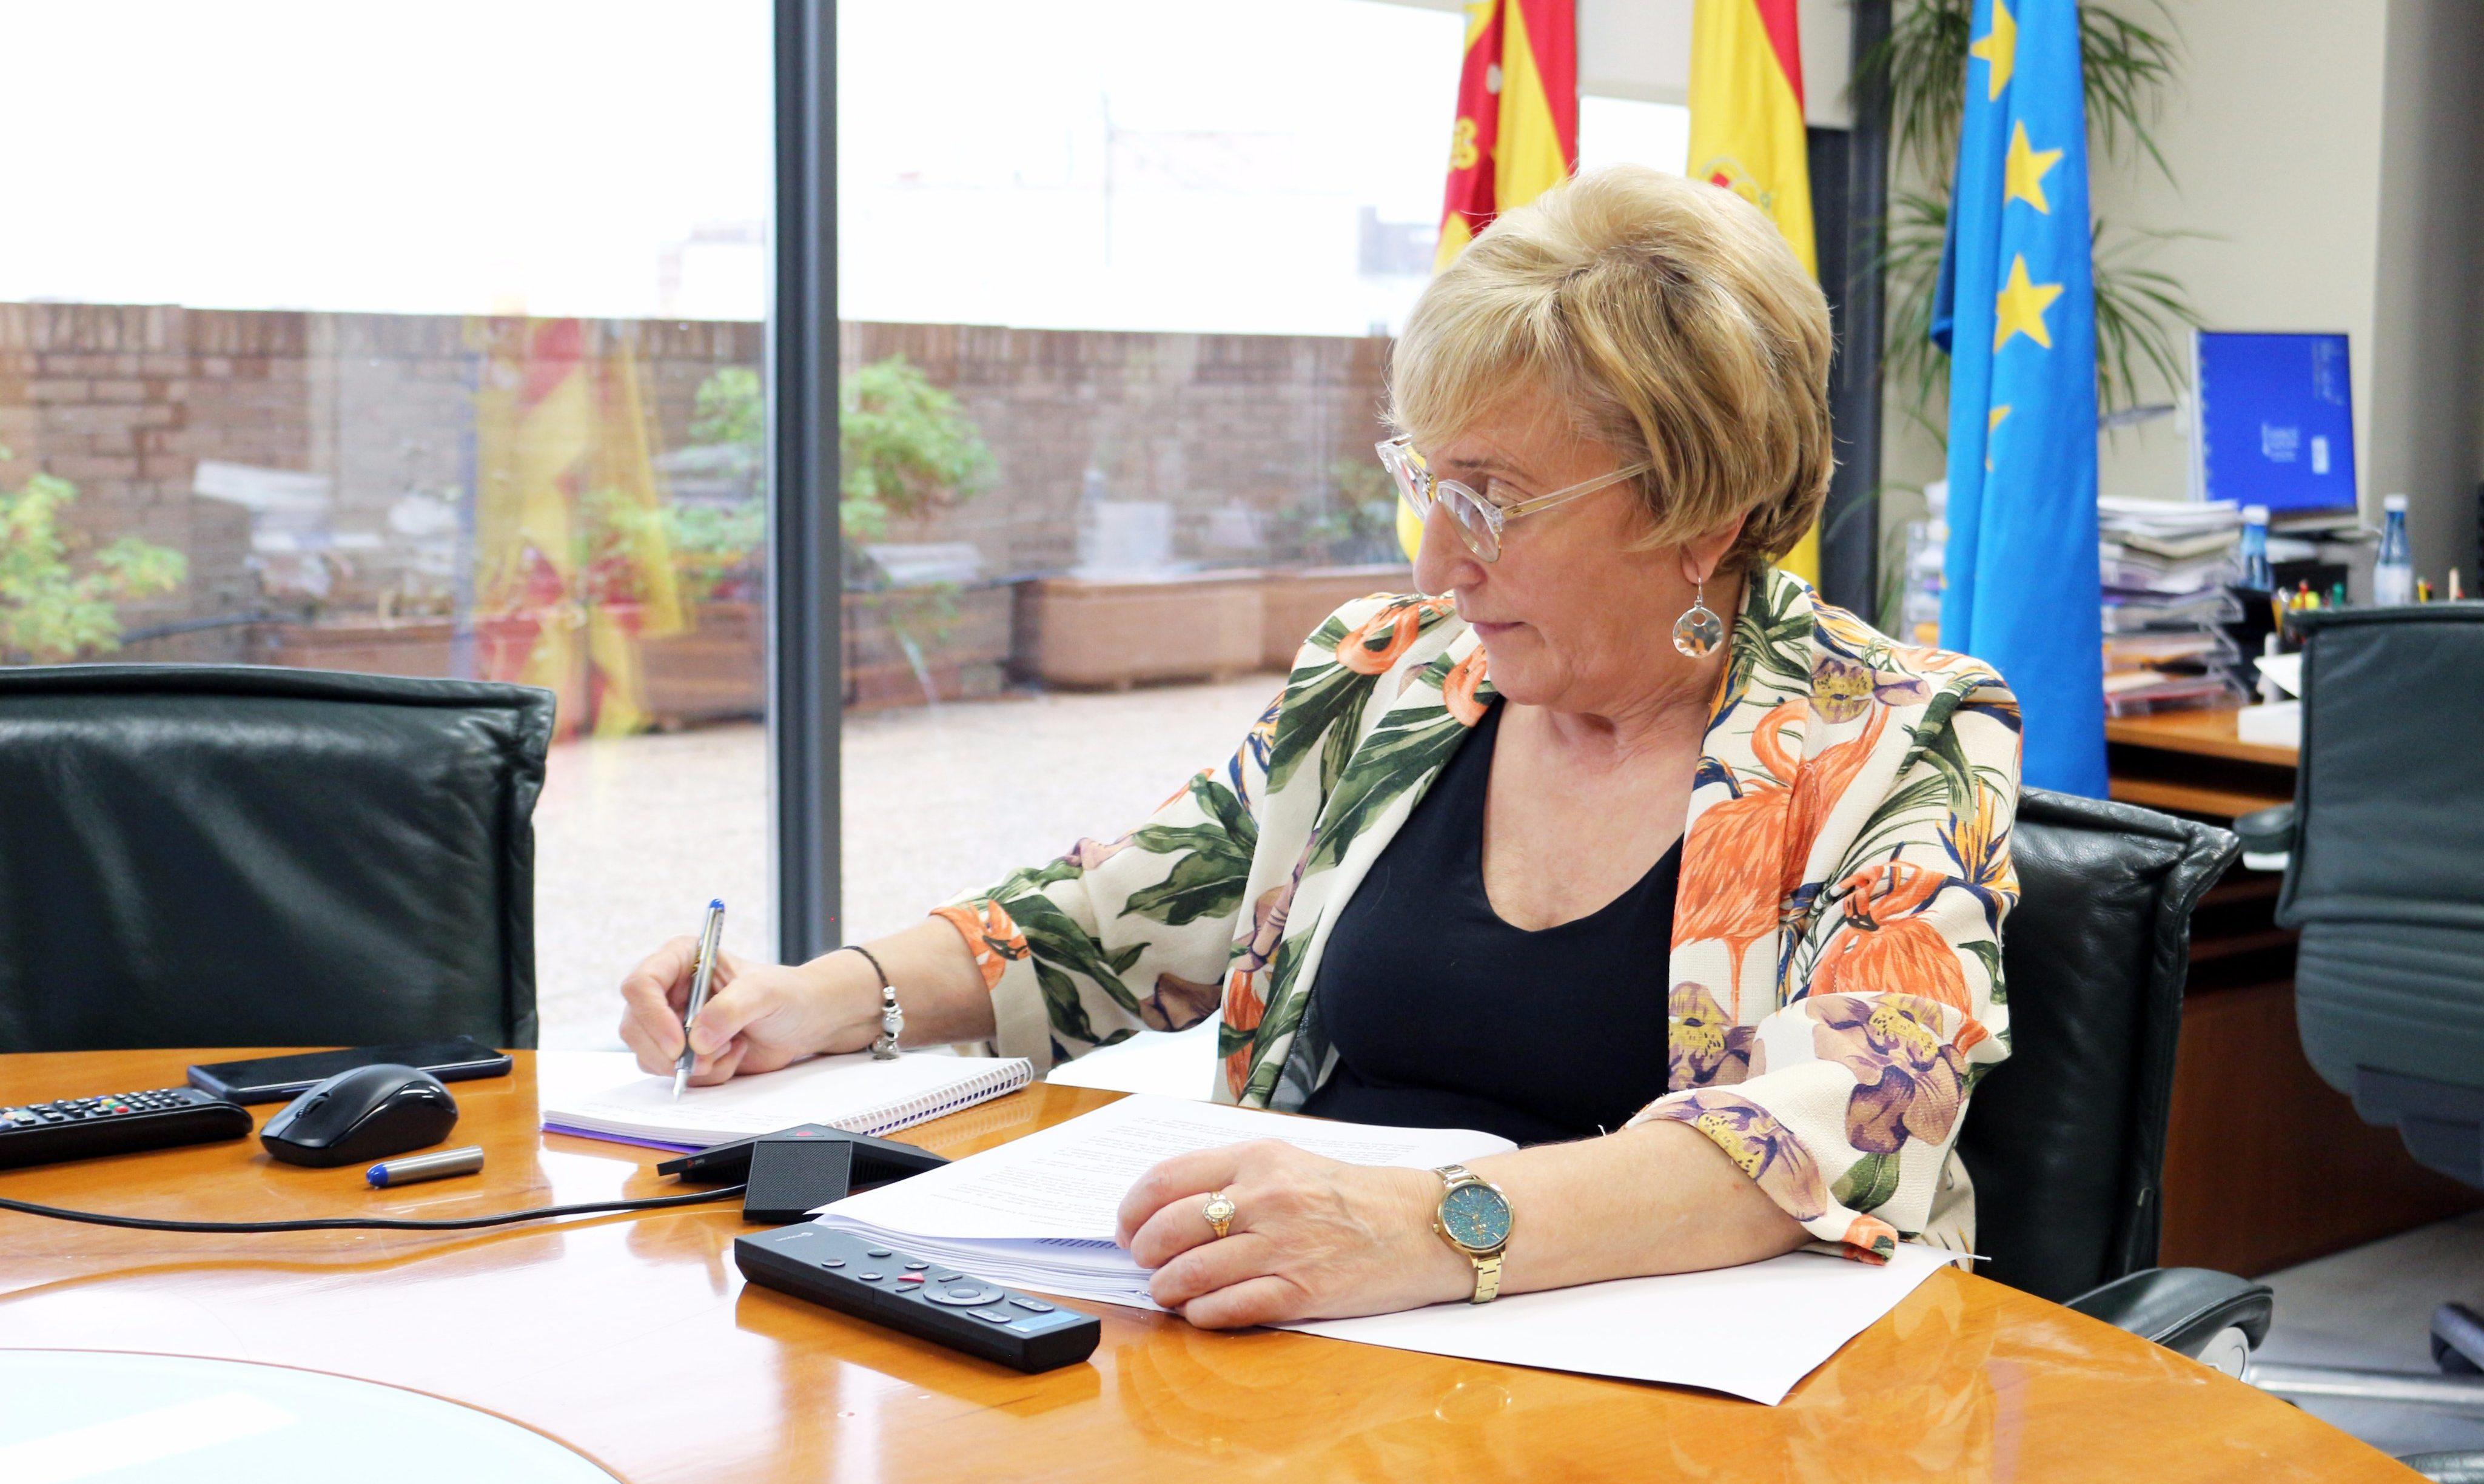 Barceló: 'No esperarem que la situació empitjore perquè es tracta d'evitar que el virus continue transmetent-se'